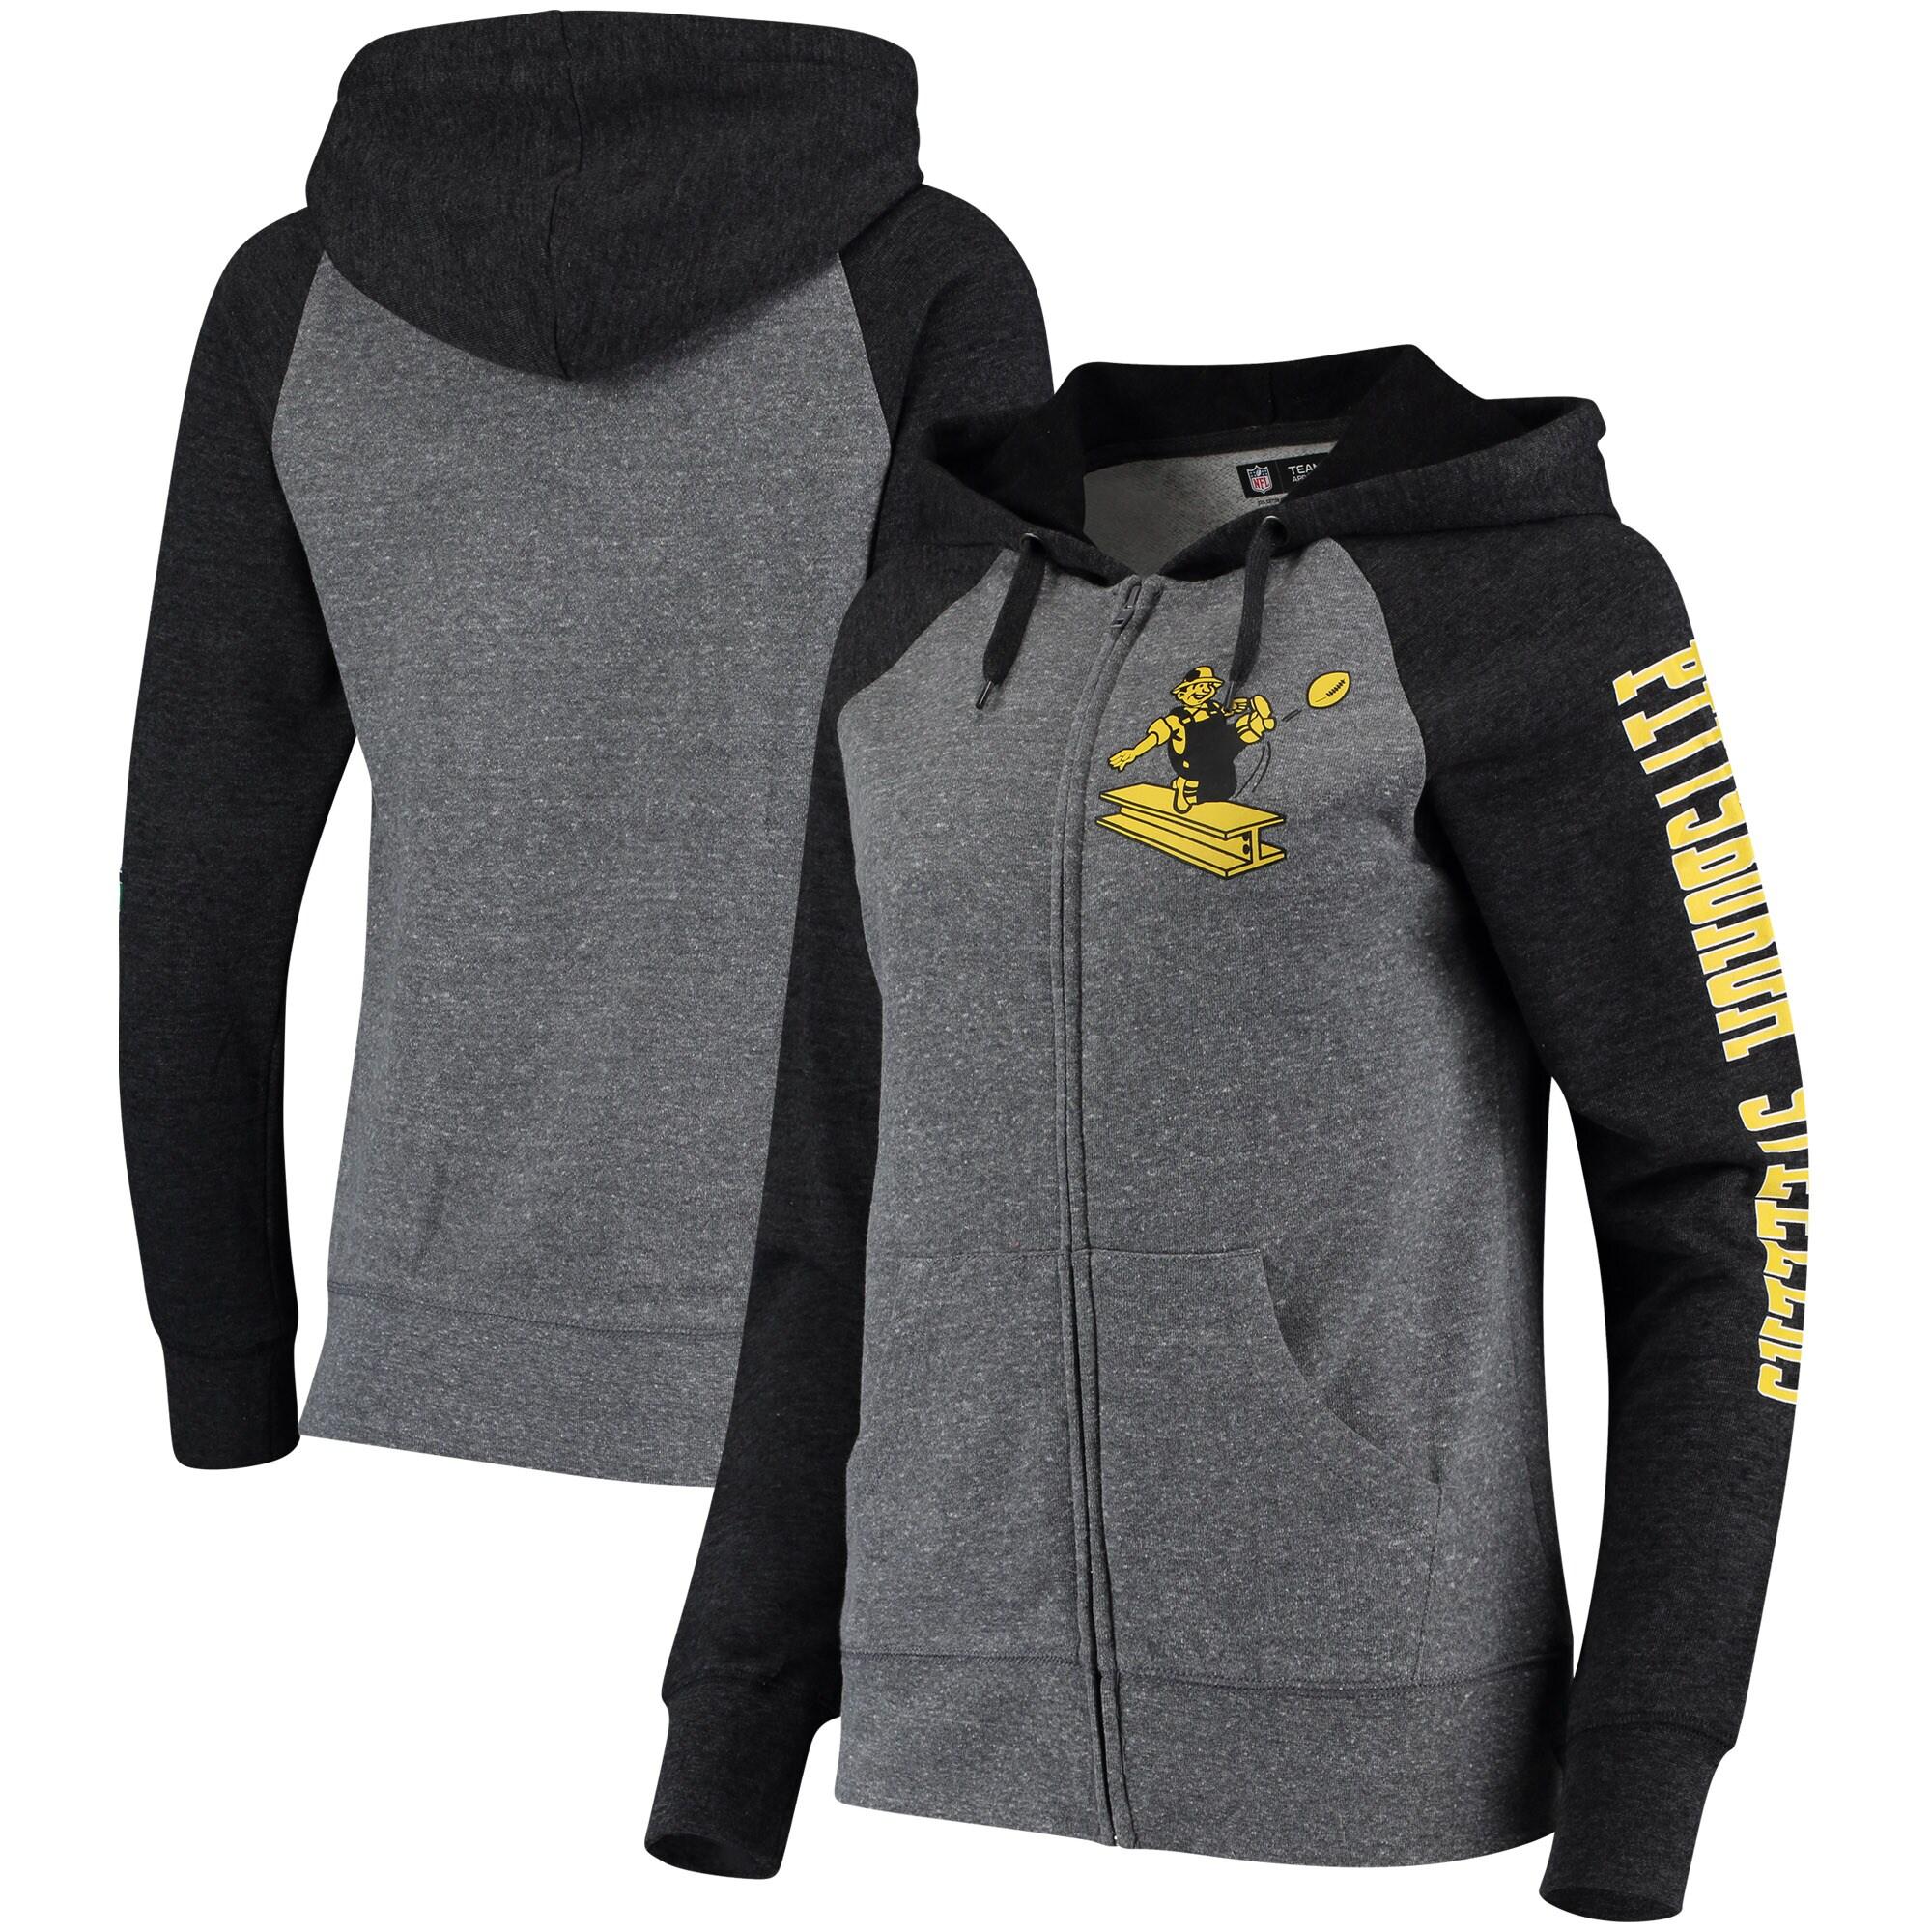 Pittsburgh Steelers 5th & Ocean by New Era Women's Fleece Tri-Blend Raglan Sleeve Full-Zip Hoodie - Heathered Gray/Black